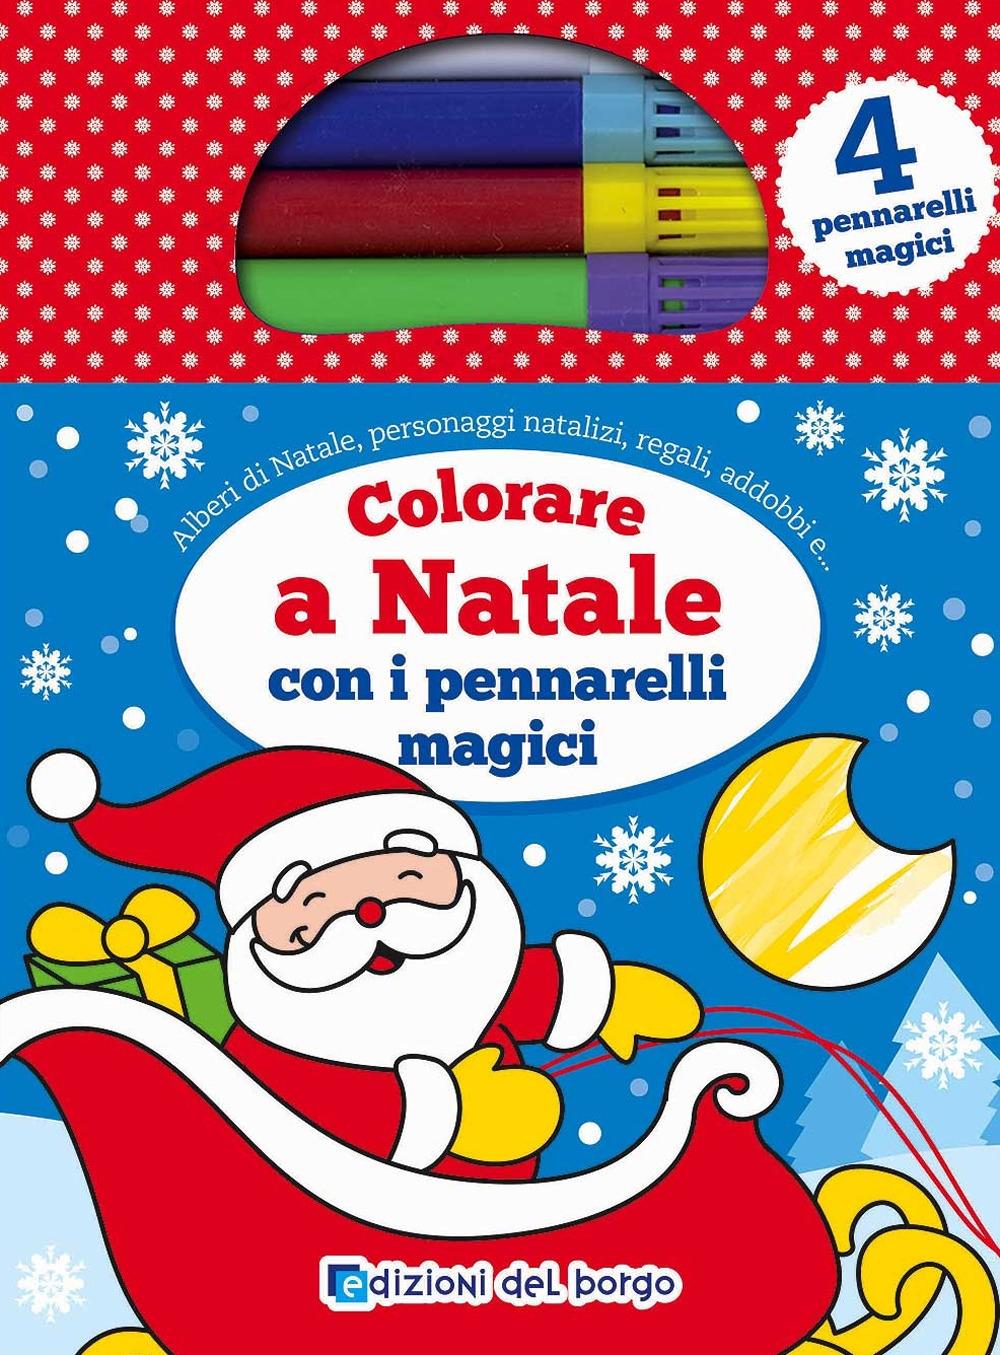 Colorare a Natale con i pennarelli magici. Con tre pennarelli colorati e un pennarello magico